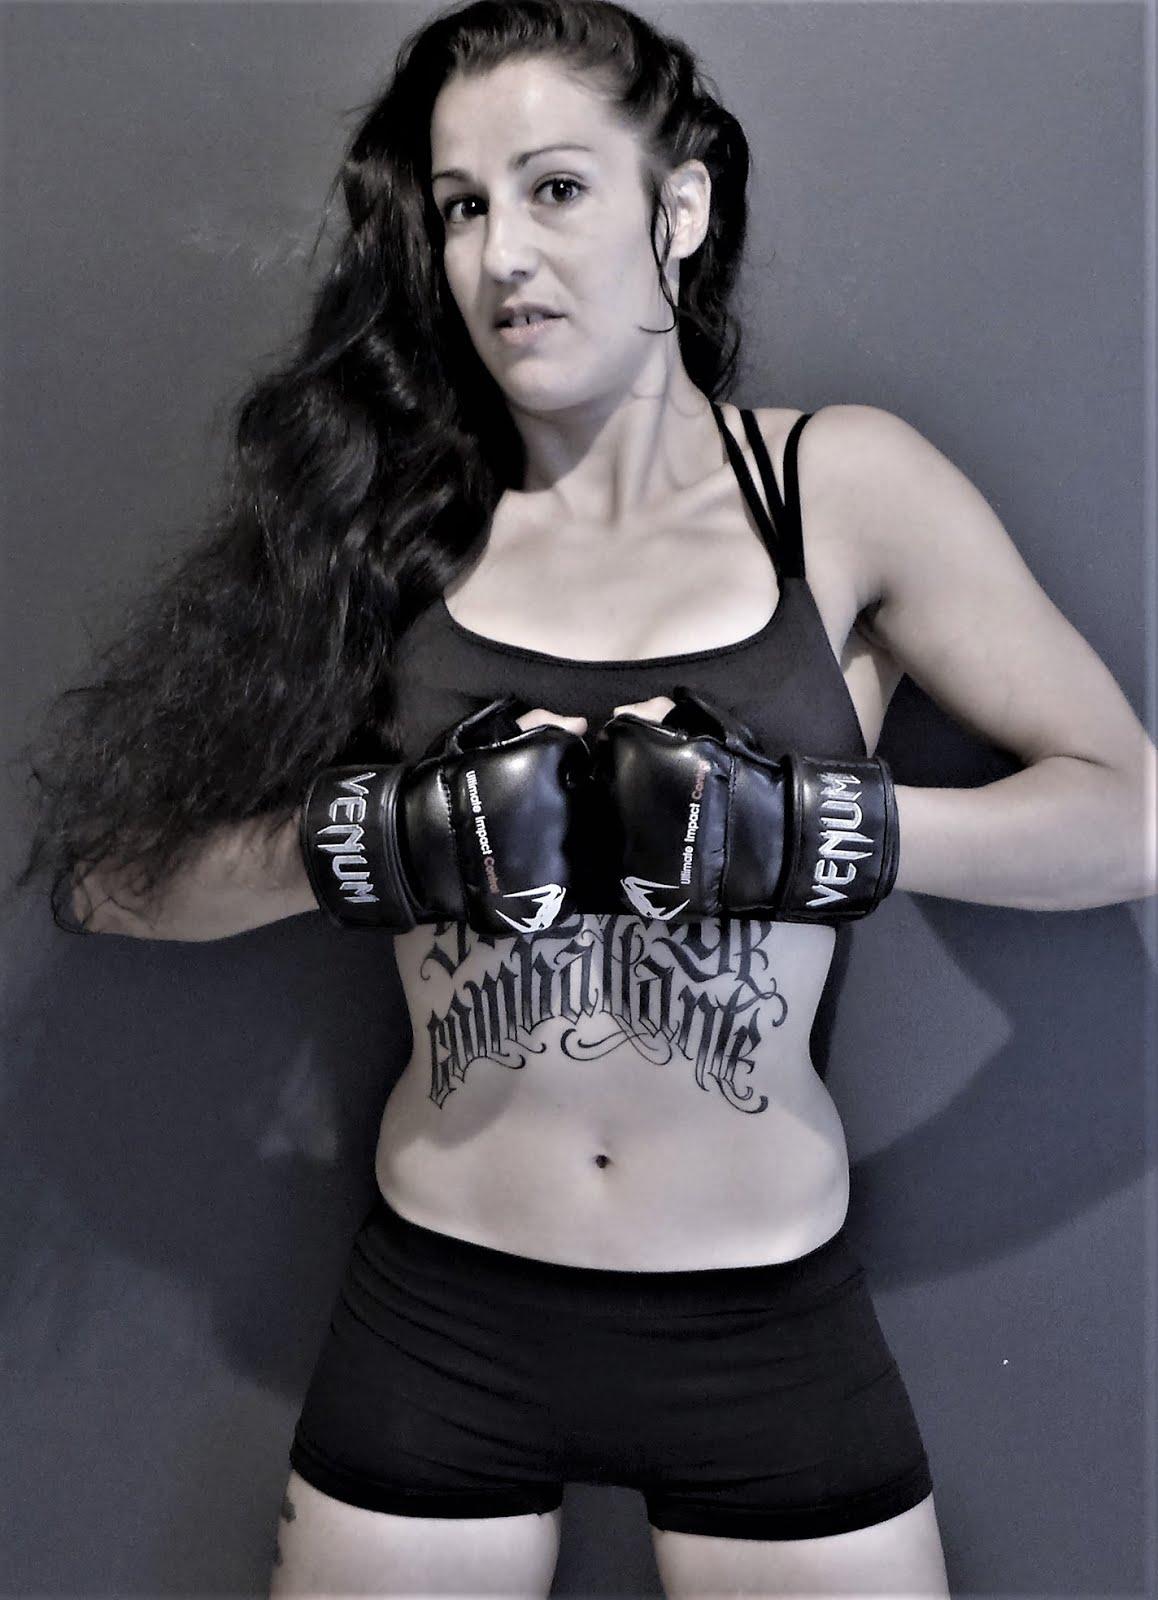 Je donne des cours de boxe particuliers sur Paris!